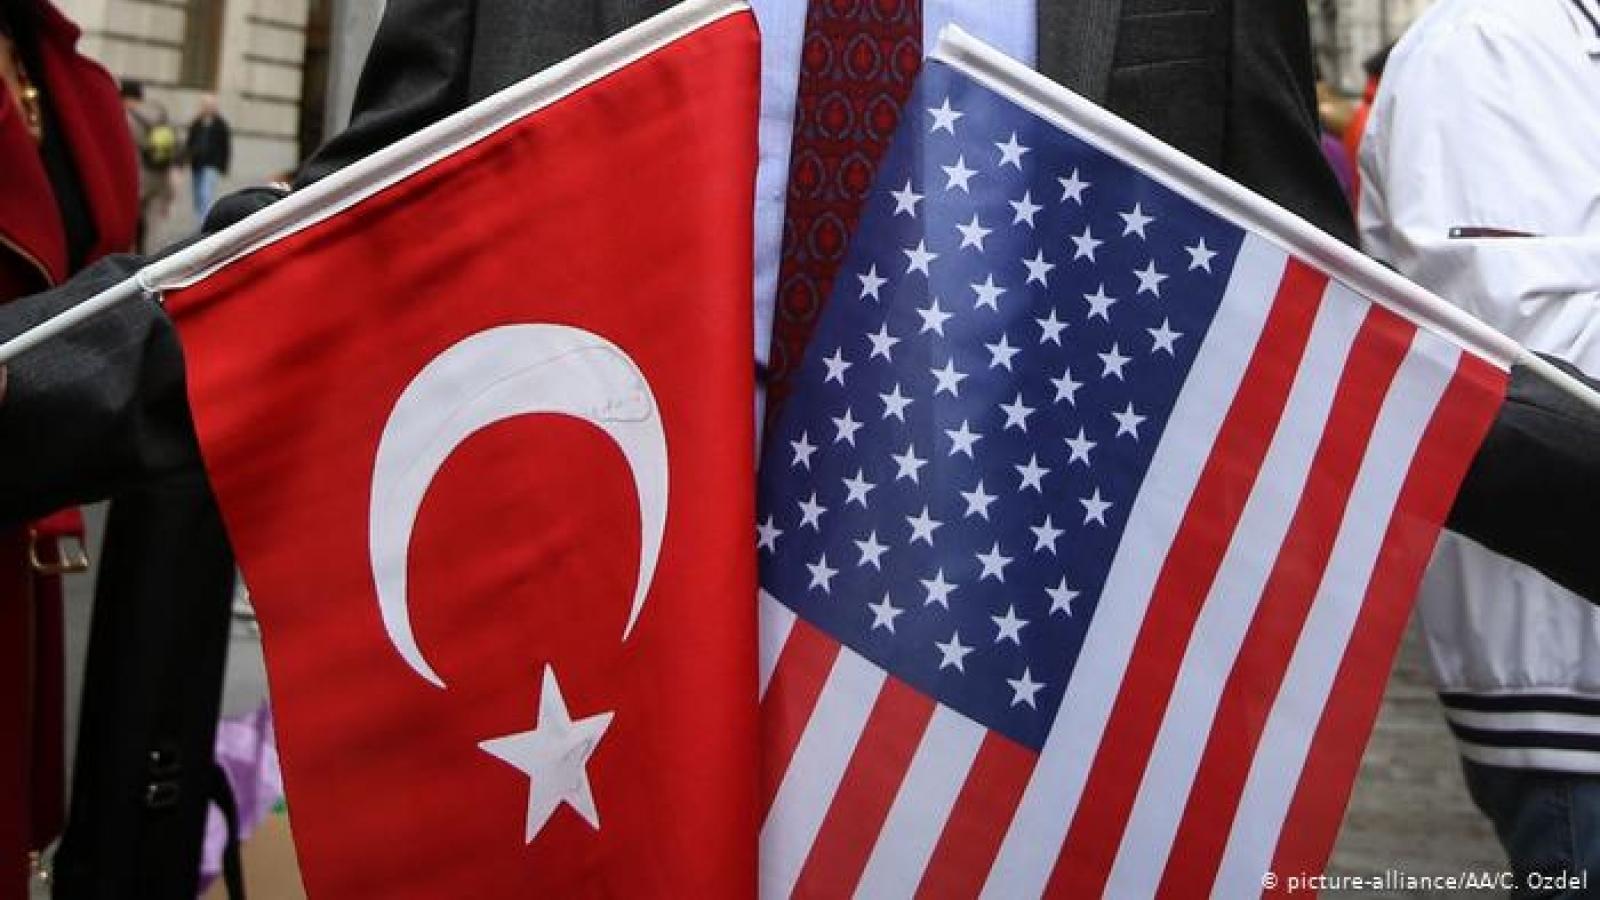 Mỹ tạm đóng cửa cơ quan ngoại giao, quan hệ Mỹ-Thổ đứng trước sóng gió